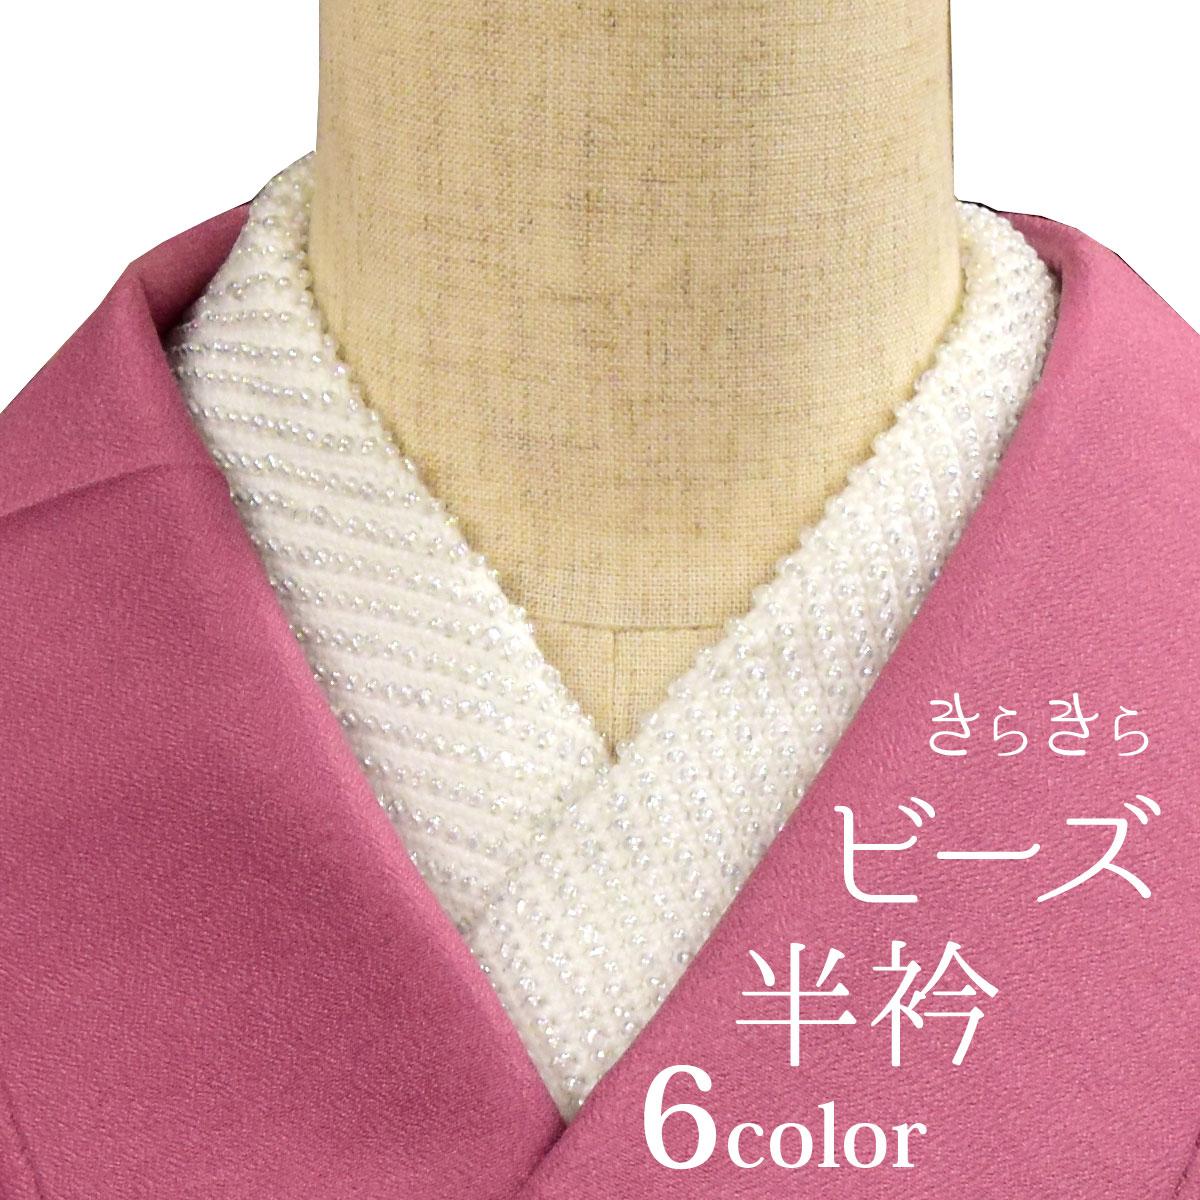 【6色】ビーズ半衿【半襟】着物 和服 和装 半衿 普段着 お洒落 白 青 ピンク 黄色 ラベンダー 紫 黒番号b528-10